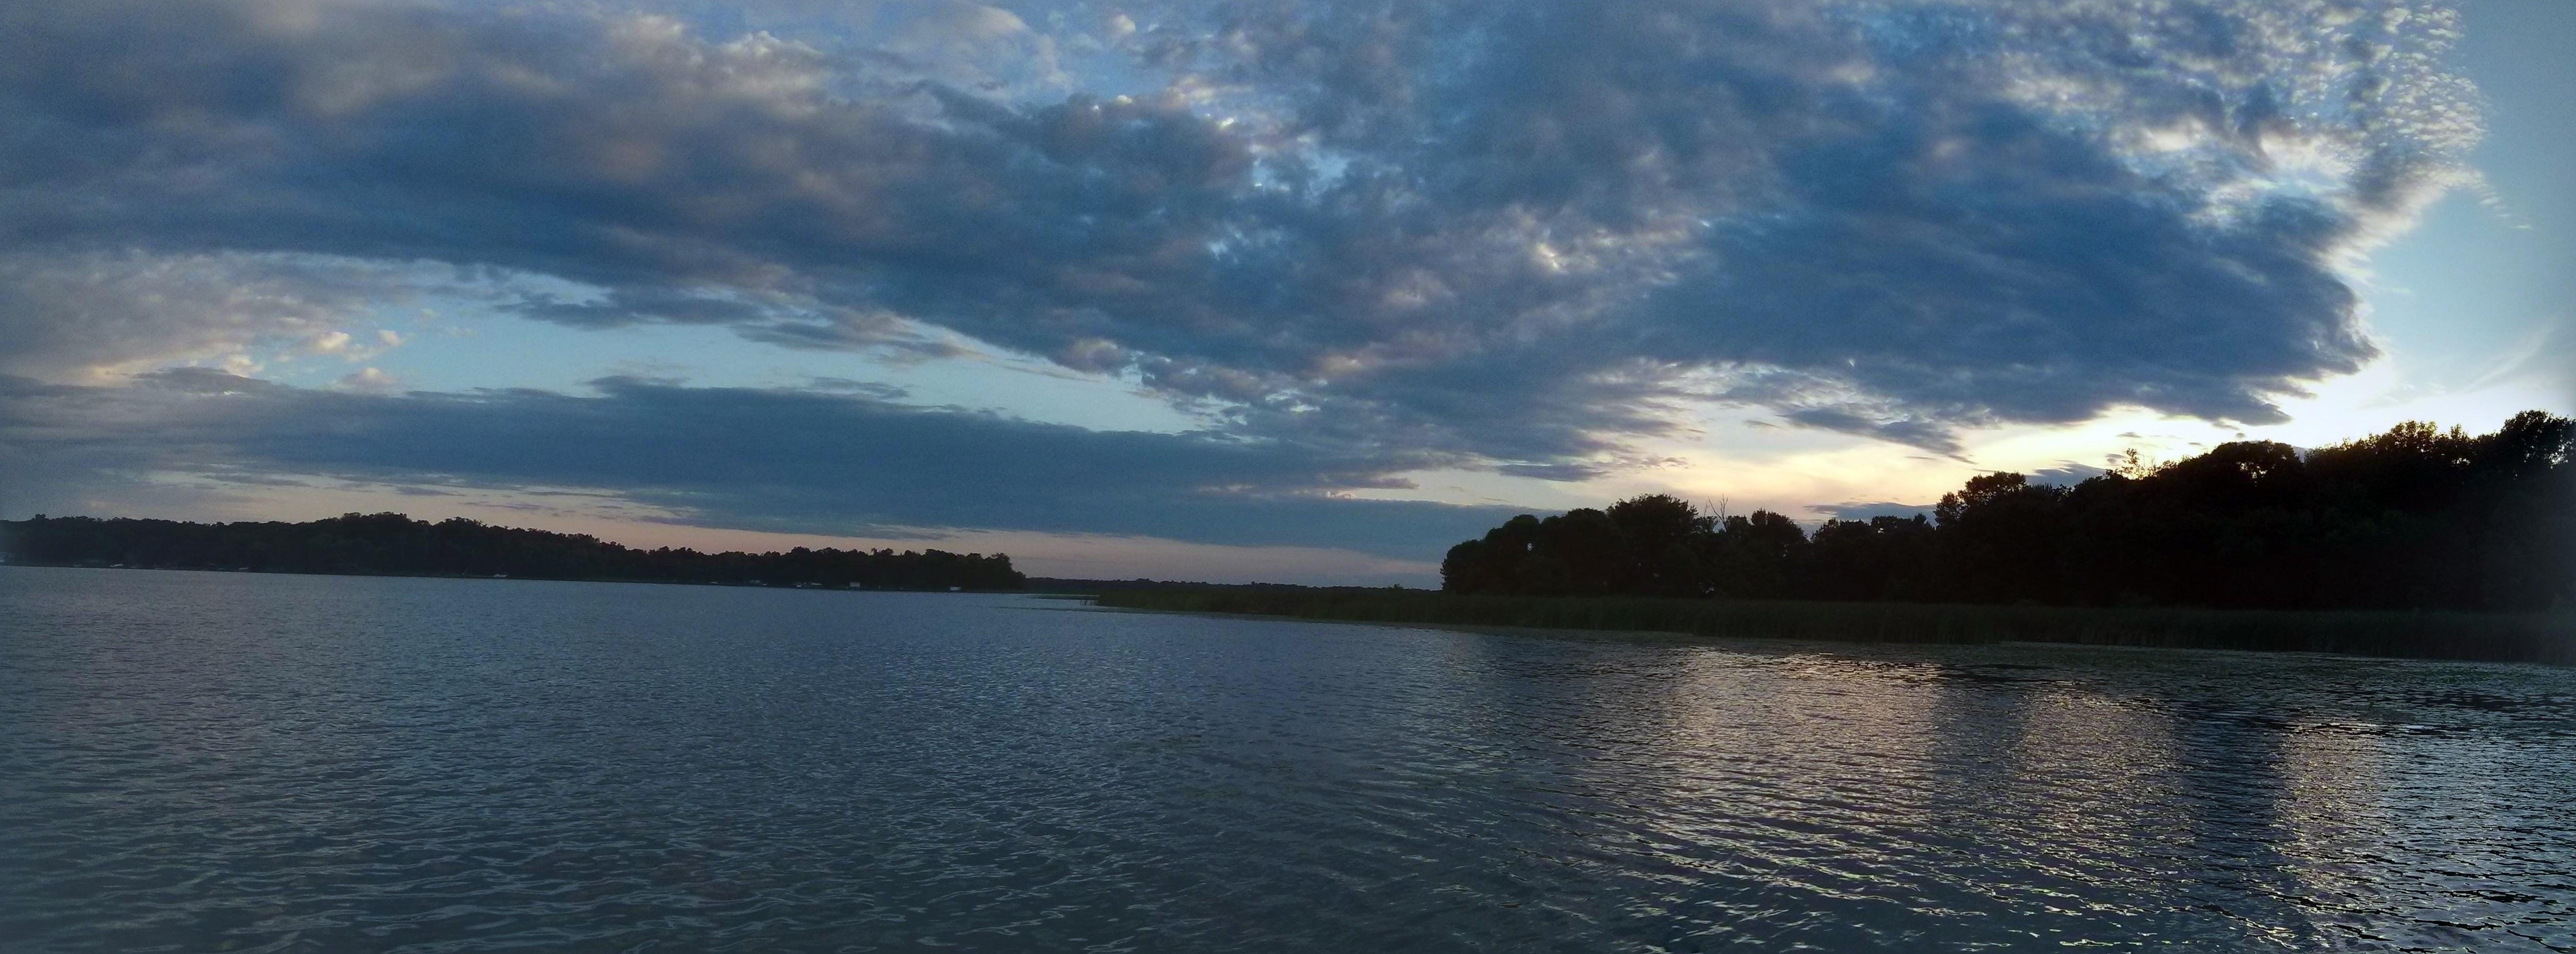 52) Went Fishing on Big Marine Lake #NewThingEveryDay